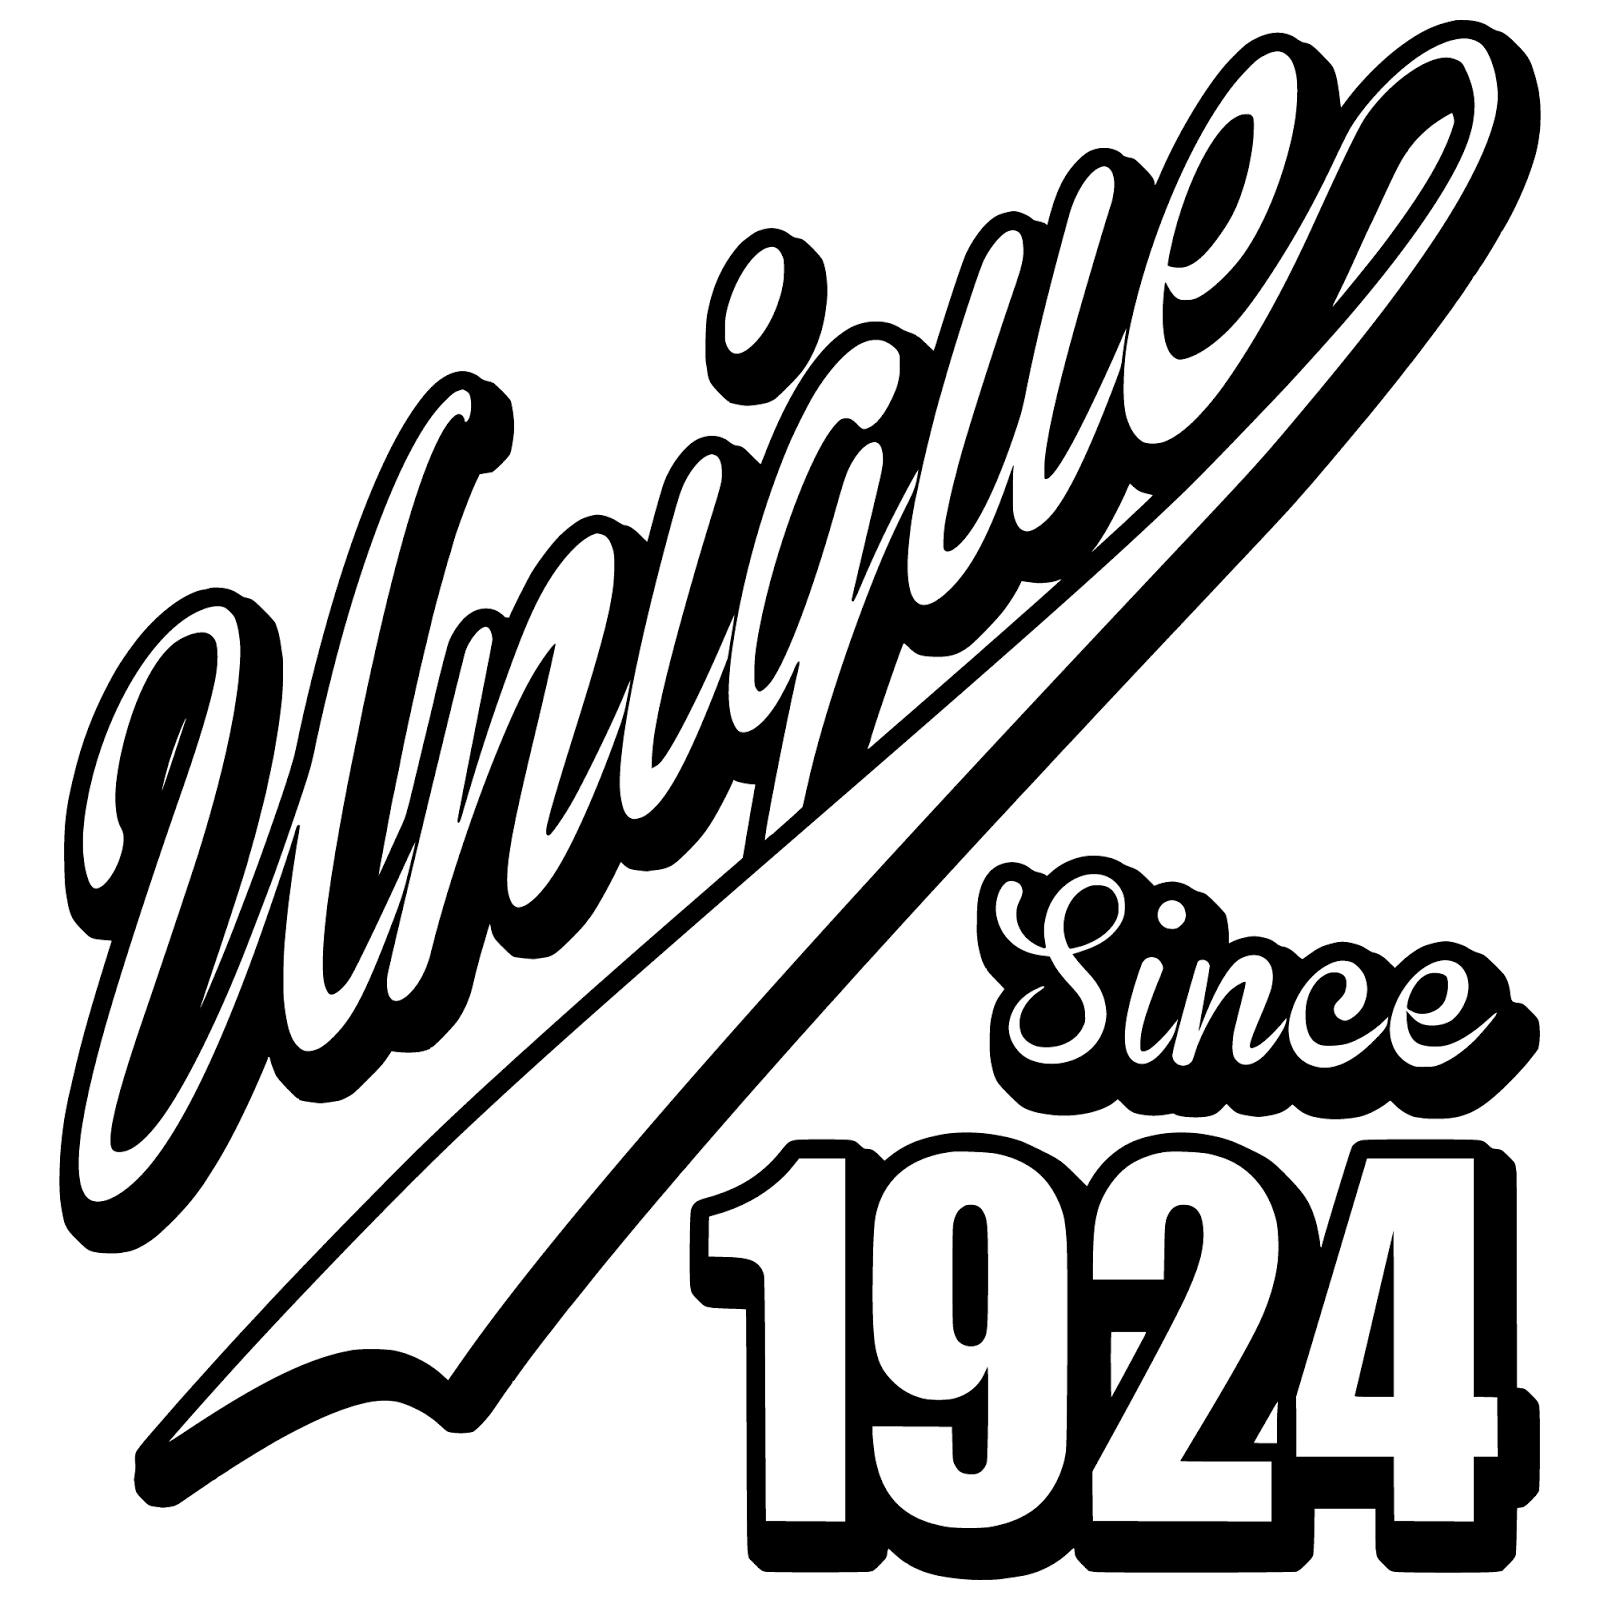 Unique Since 1924